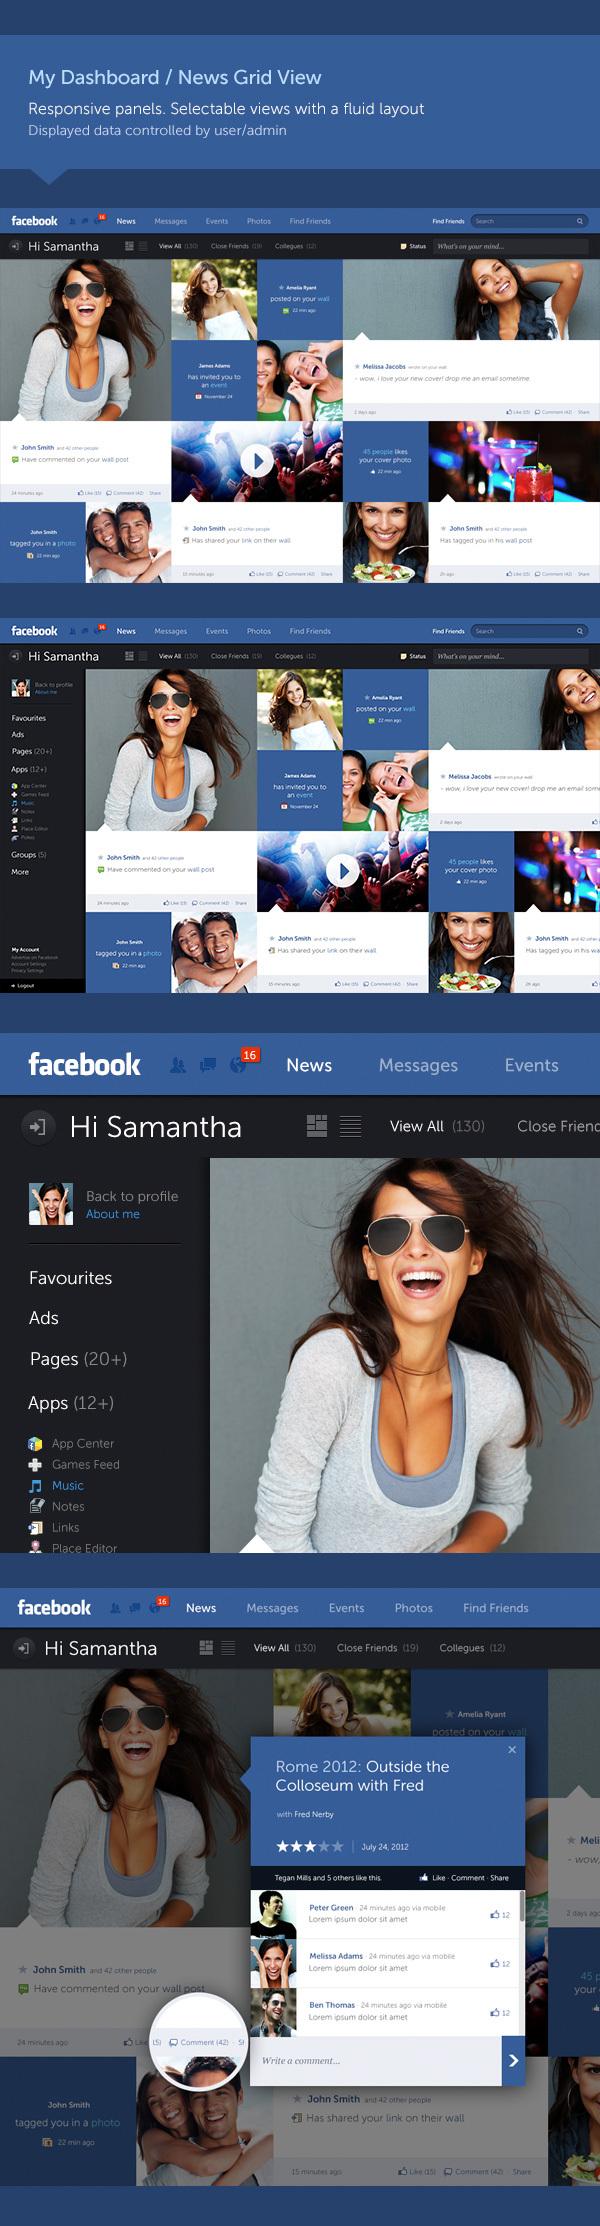 concepto de diseño facebook 2 Excelente concepto de diseño para Facebook por Fred Nerby